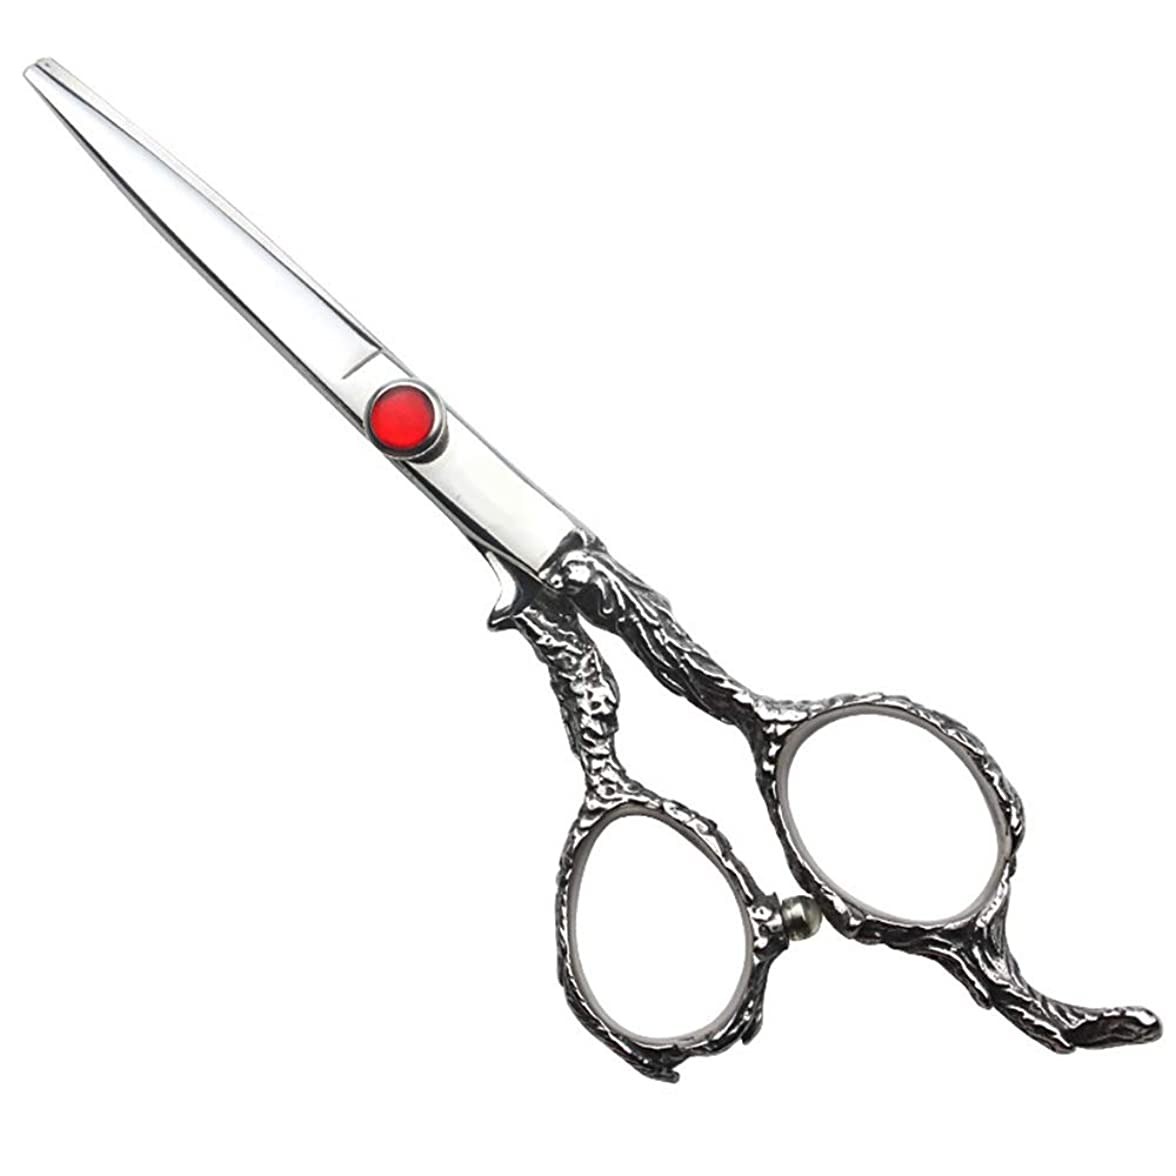 課すうなり声練習した家族6インチの理髪はさみ、美容院の専門のヘアカットの直線はさみ モデリングツール (色 : Silver)